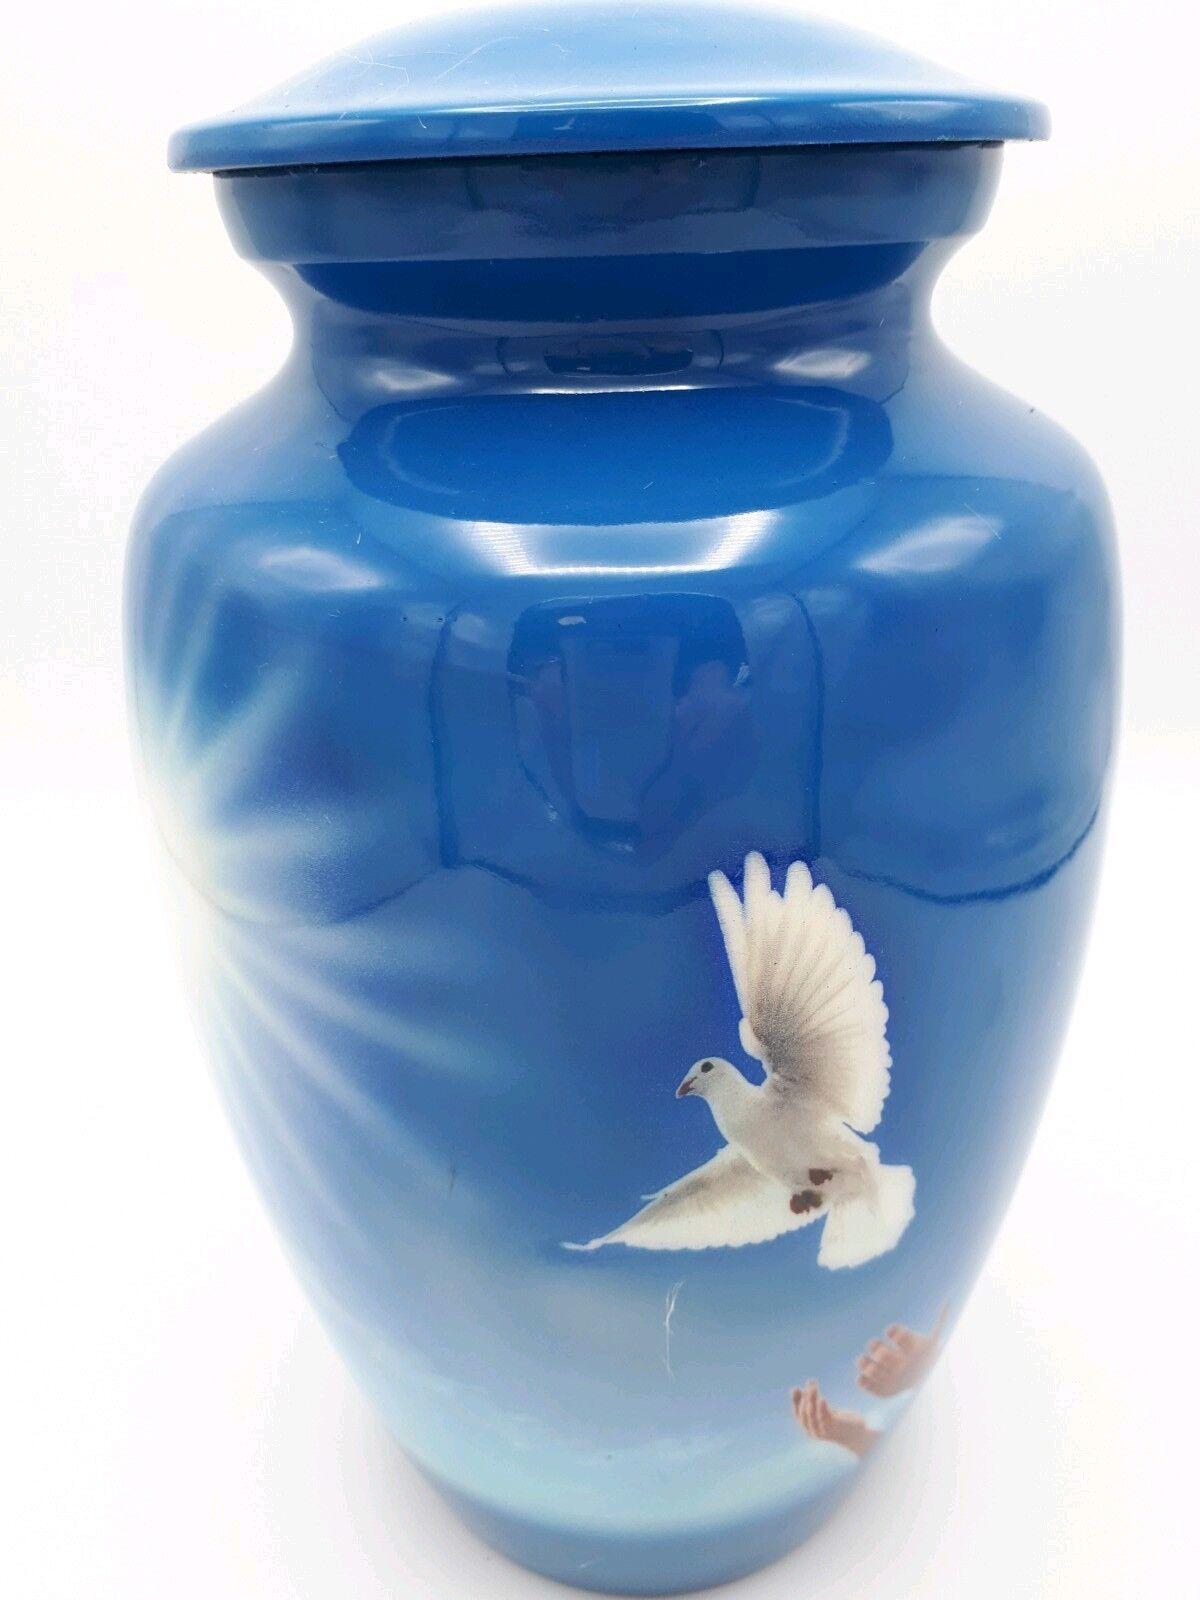 Adulte Aluminium Pour Crémation Urne Pour Aluminium Cendres-Bleu avec belle colombe blanche 323737